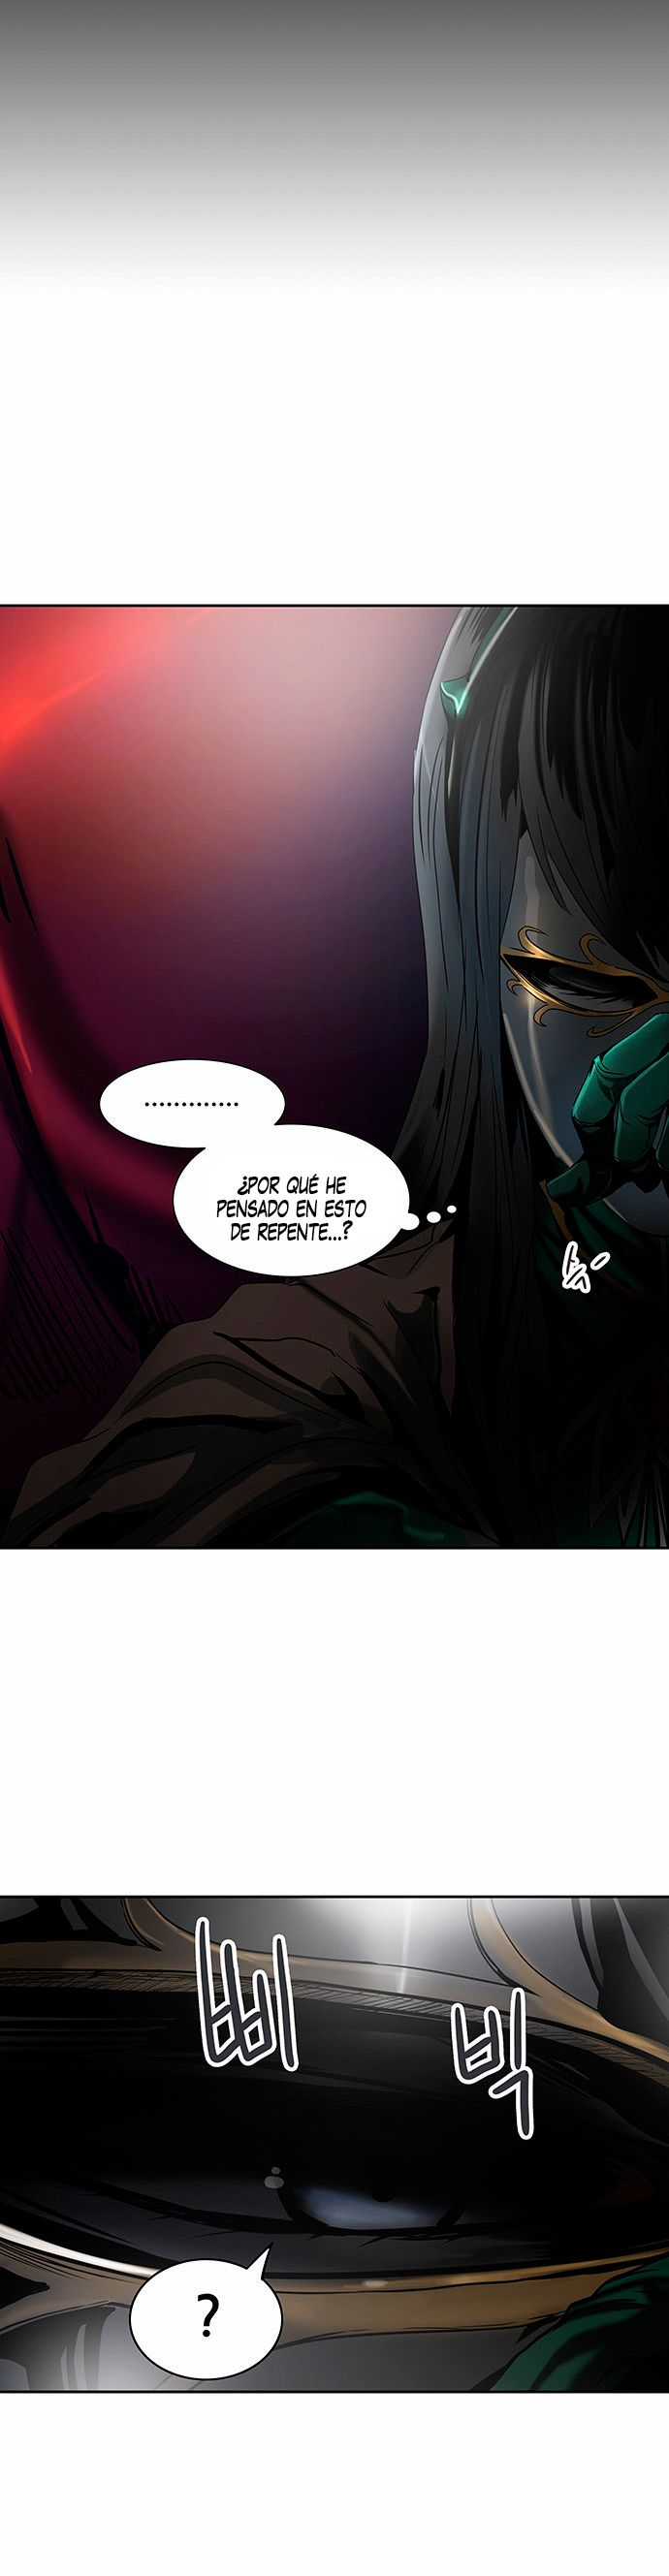 https://c5.ninemanga.com/es_manga/pic2/21/149/501713/bbd4e463fe0ad675dcb2493d8abd6b0b.jpg Page 17